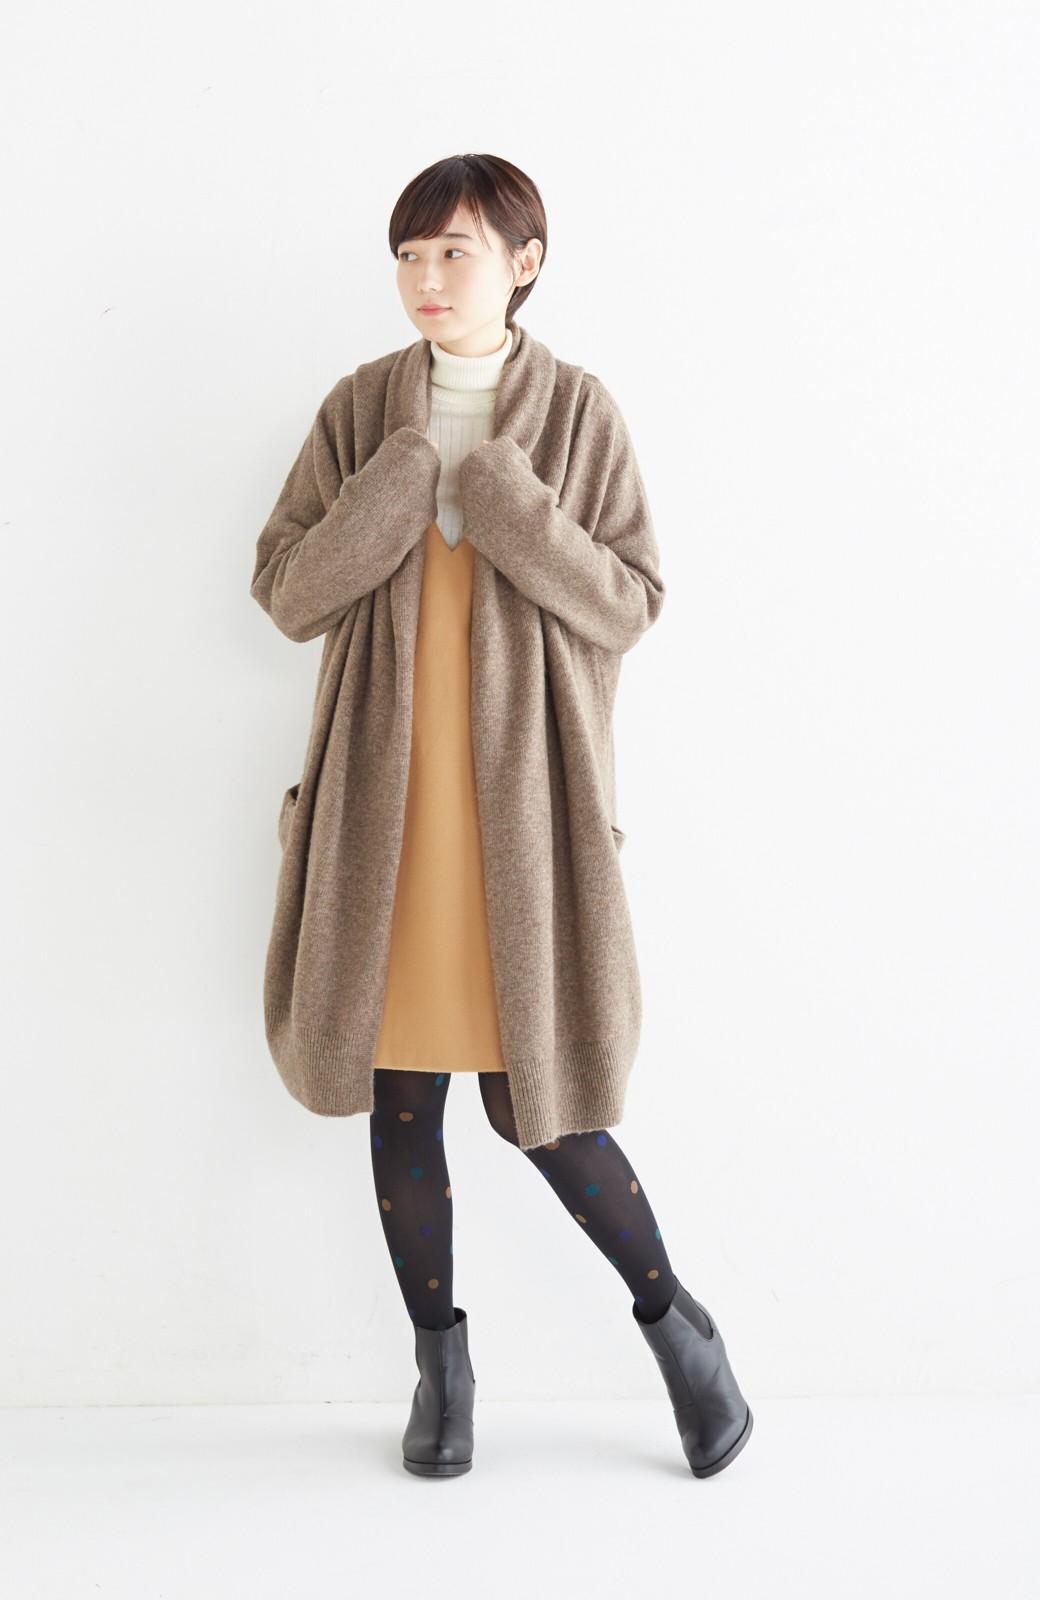 エムトロワ ぱっと羽織るのに便利な軽くてあったかいニットガウンコート <ブラウン>の商品写真1